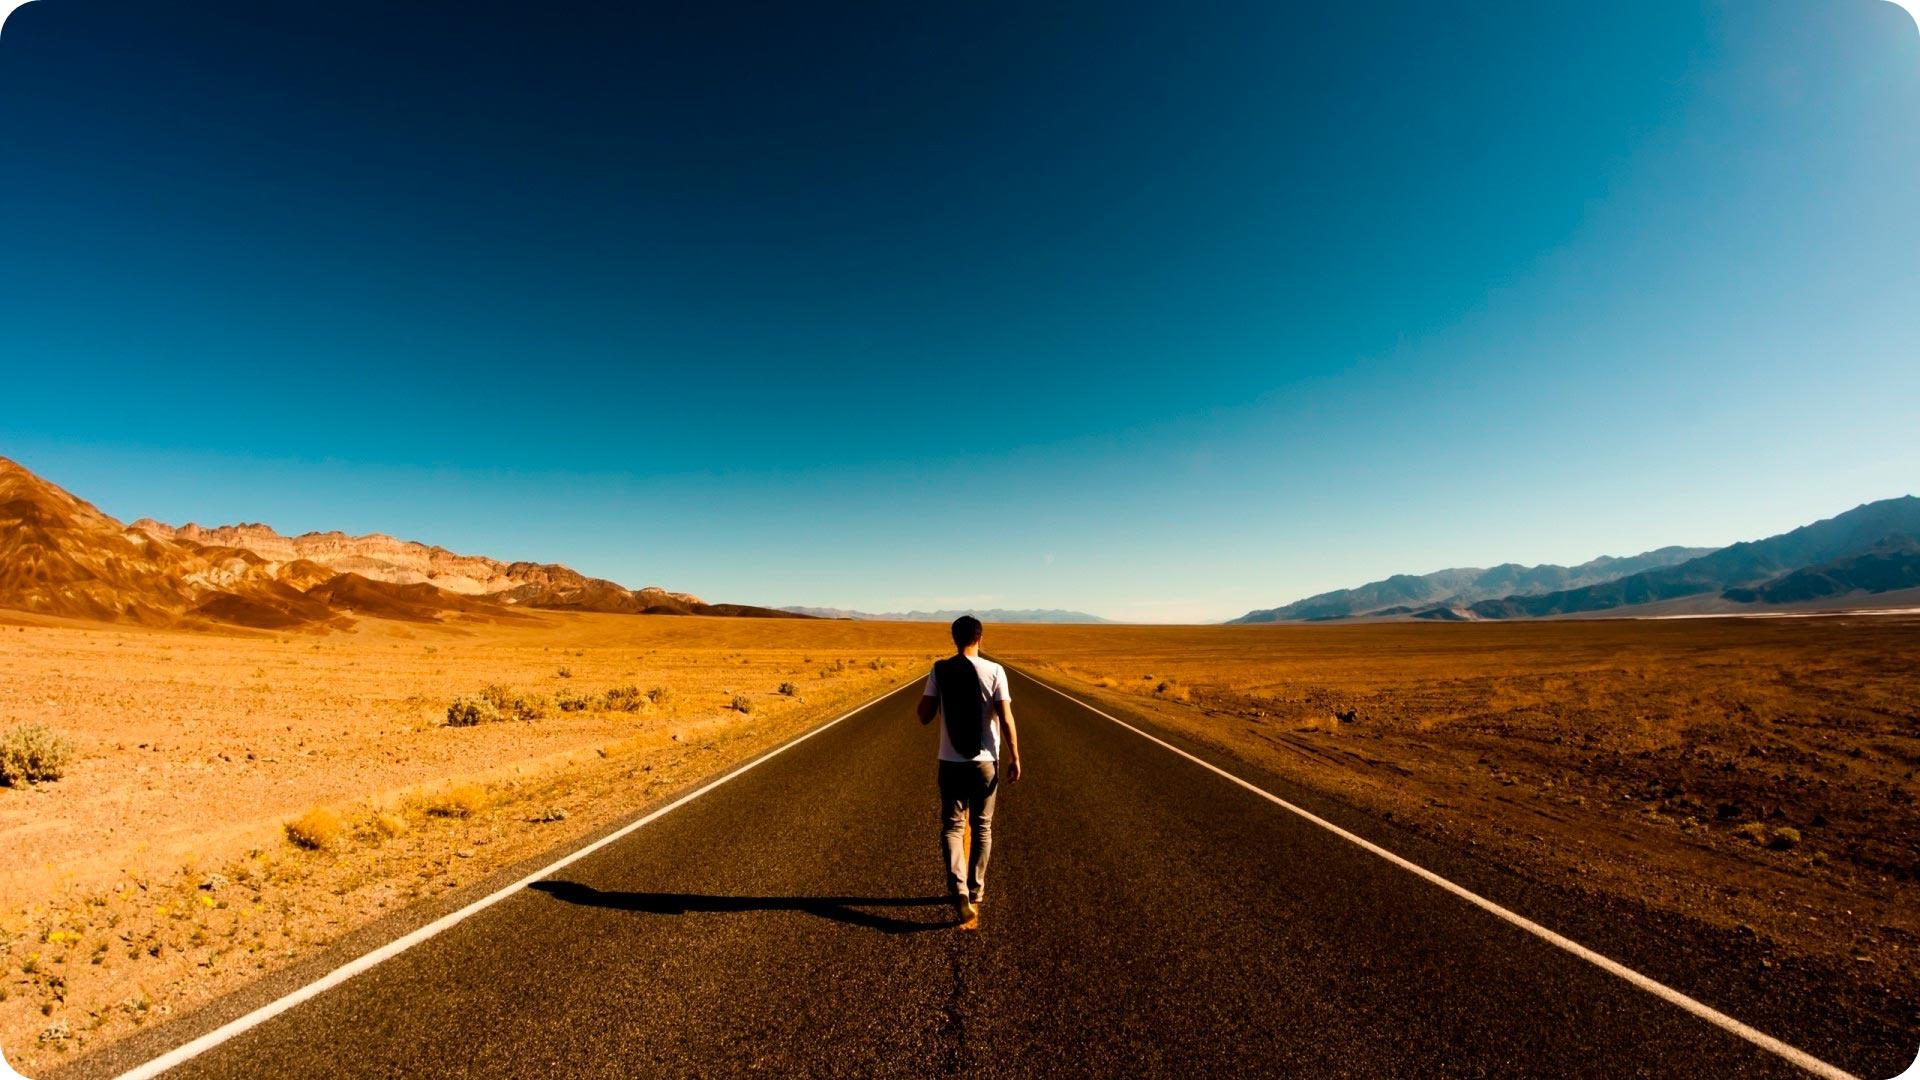 как найти свой путь, путь в жизни, миссия в мире, как найти предназначение, как найти своё дело, дело жизни, найти себя, узнать чем заниматься, выбрать профессию по душе, найти любимое дело, как заниматься тем чем хочешь